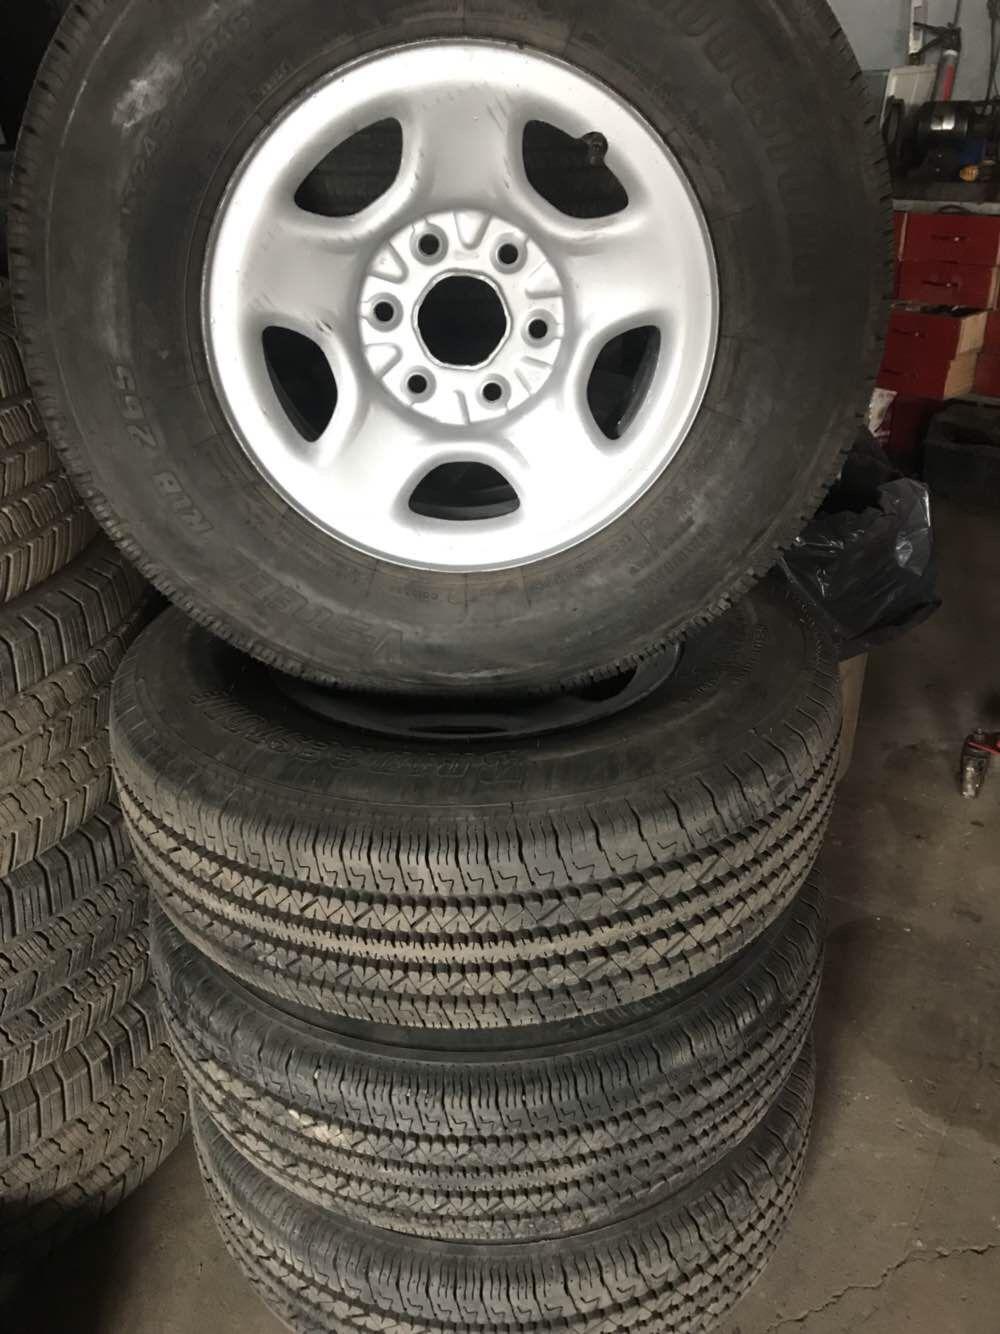 Rims And Tires Canada >> Lt 245 75r16 Bridgestone On Chevy Rims Used Tires Canada Chevy